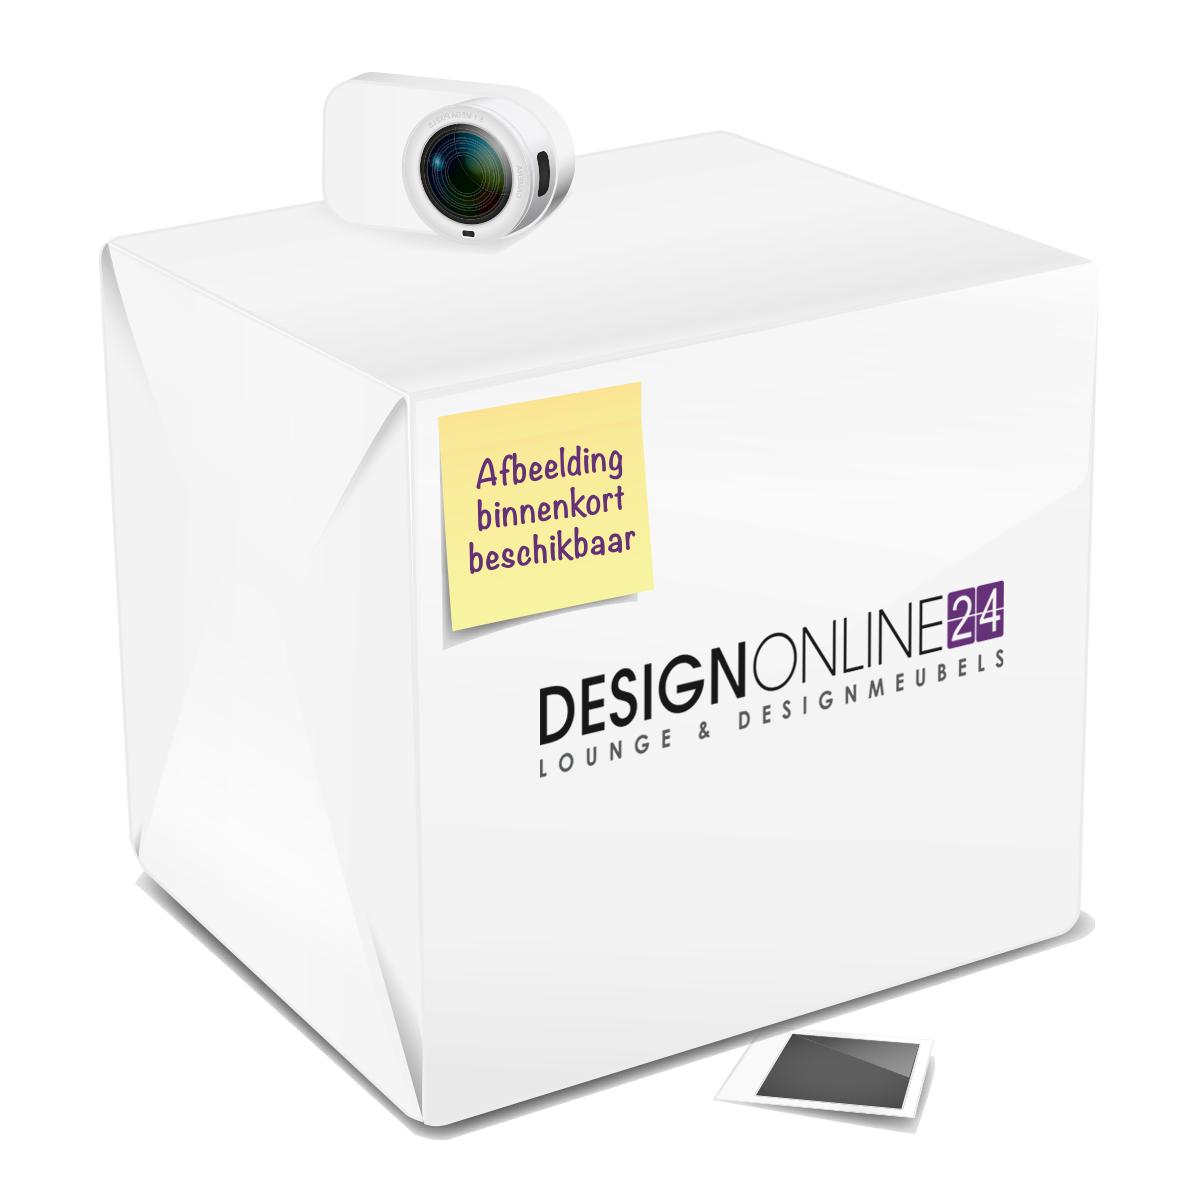 24Designs Design Fauteuil Carson - Zwart onderstel - Kunstleer - Zwart